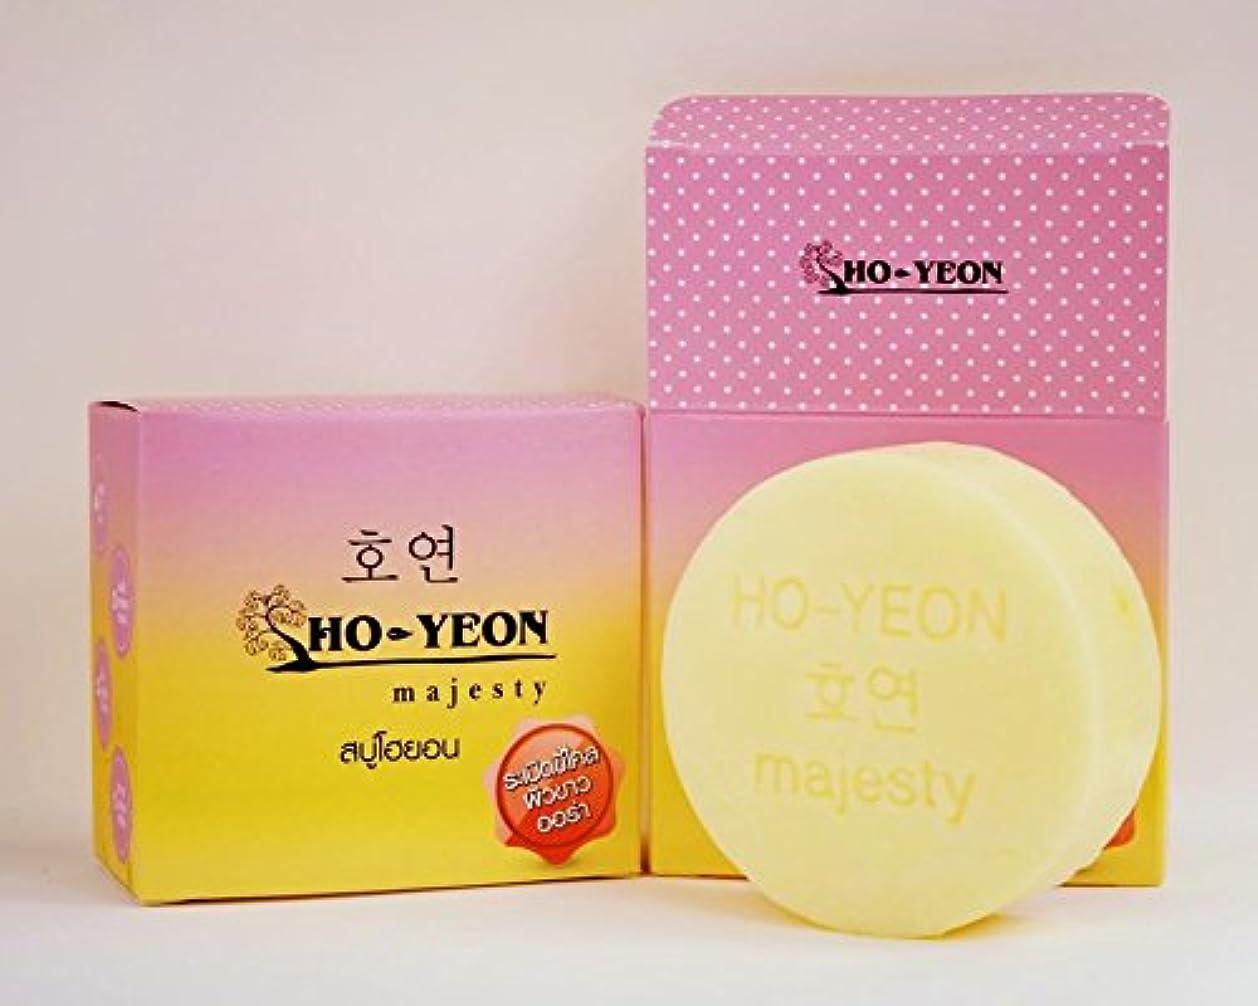 サポート貫通アルバム1 X Natural Herbal Whitening Soap. Soap Yeon Ho-yeon the HO (80 grams) Free shipping